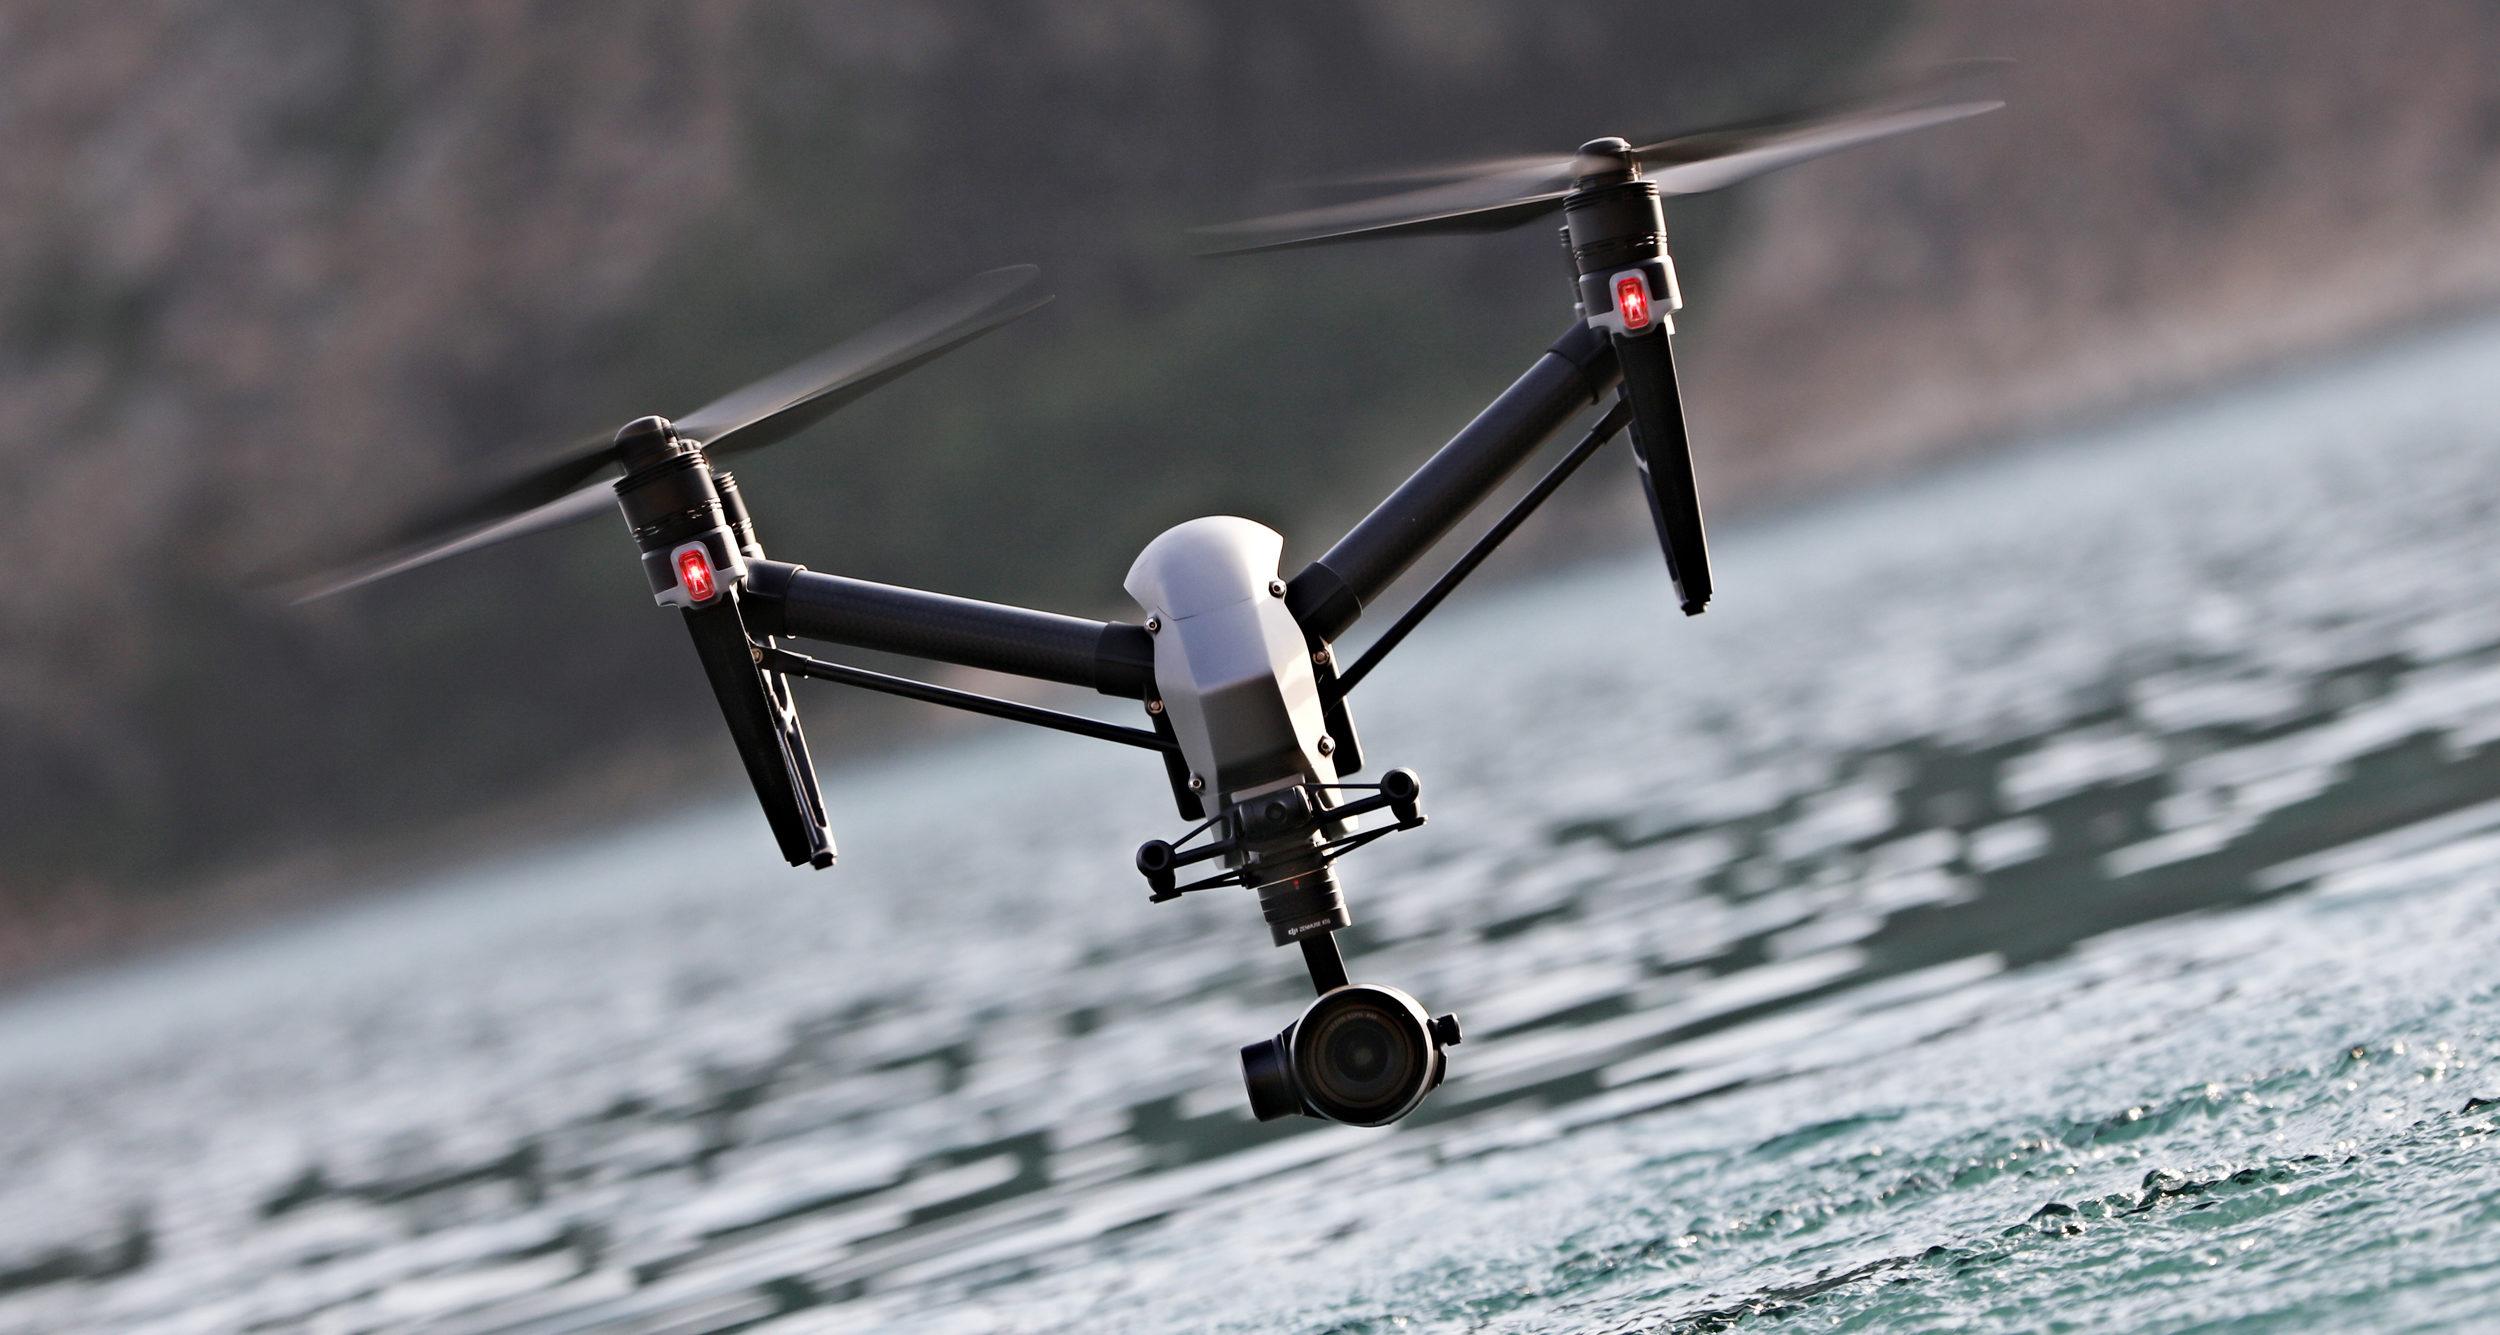 dji-inspire-2-drone-00-2500x1335.jpg